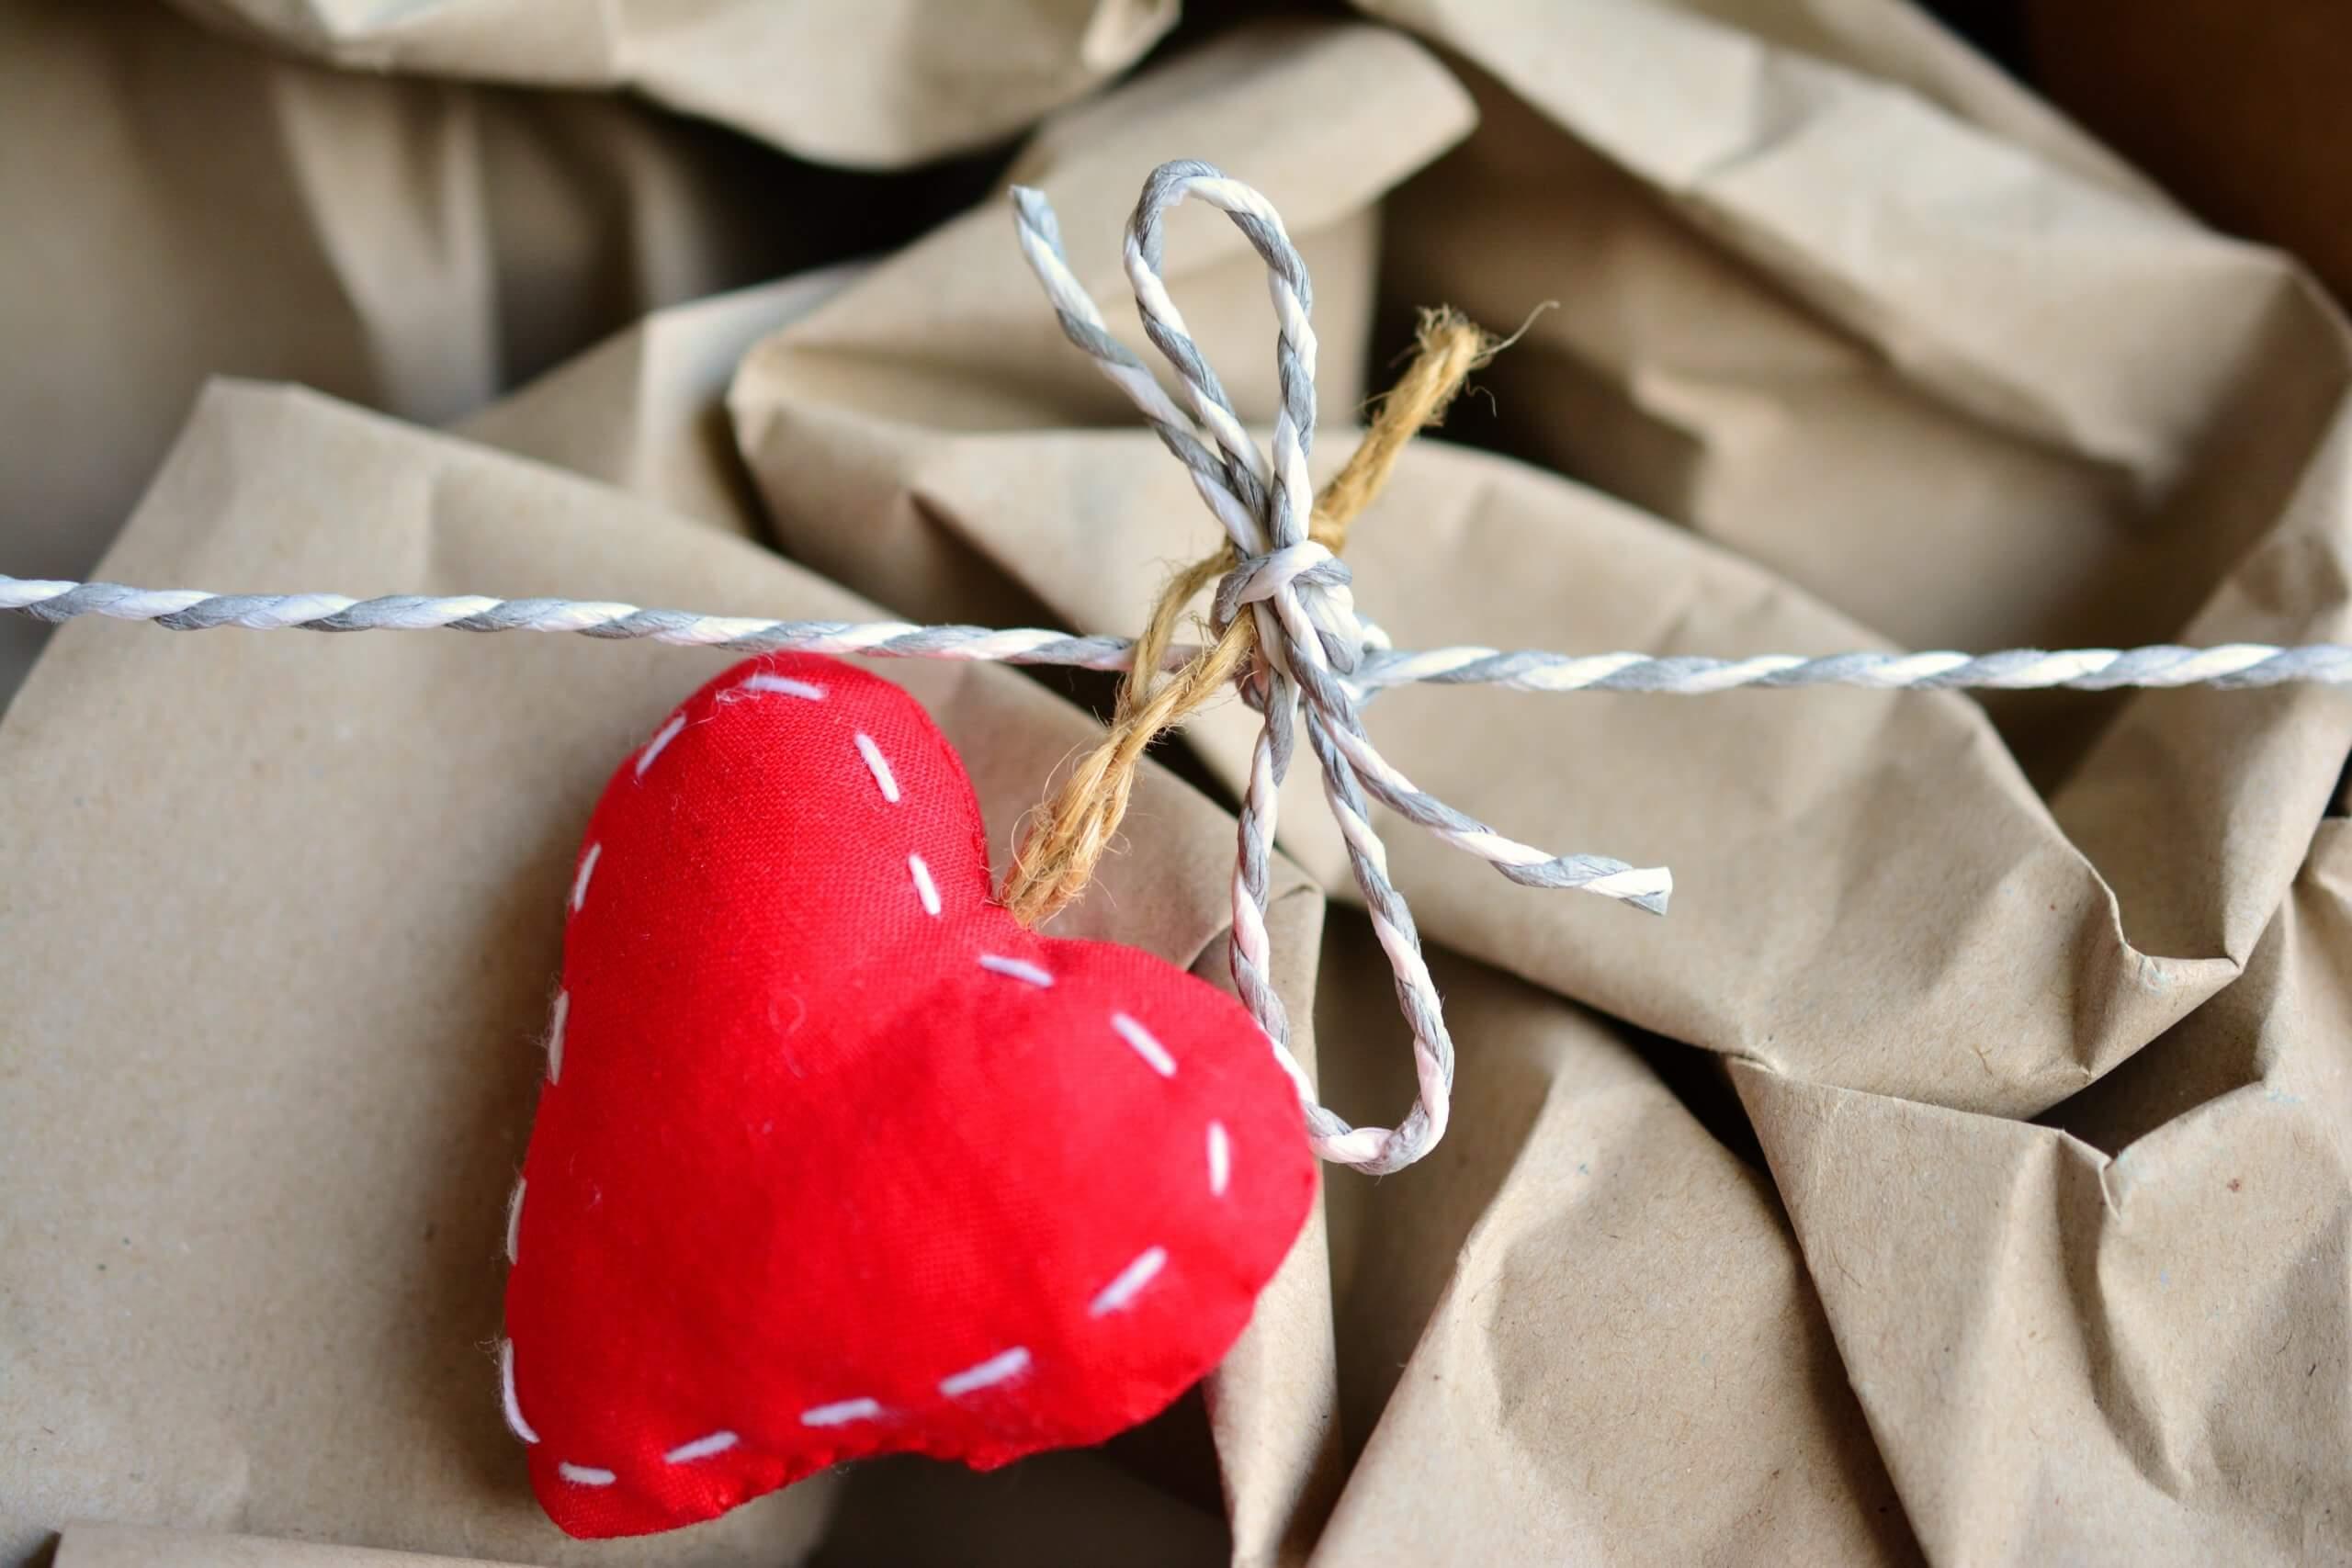 packaging-2481462